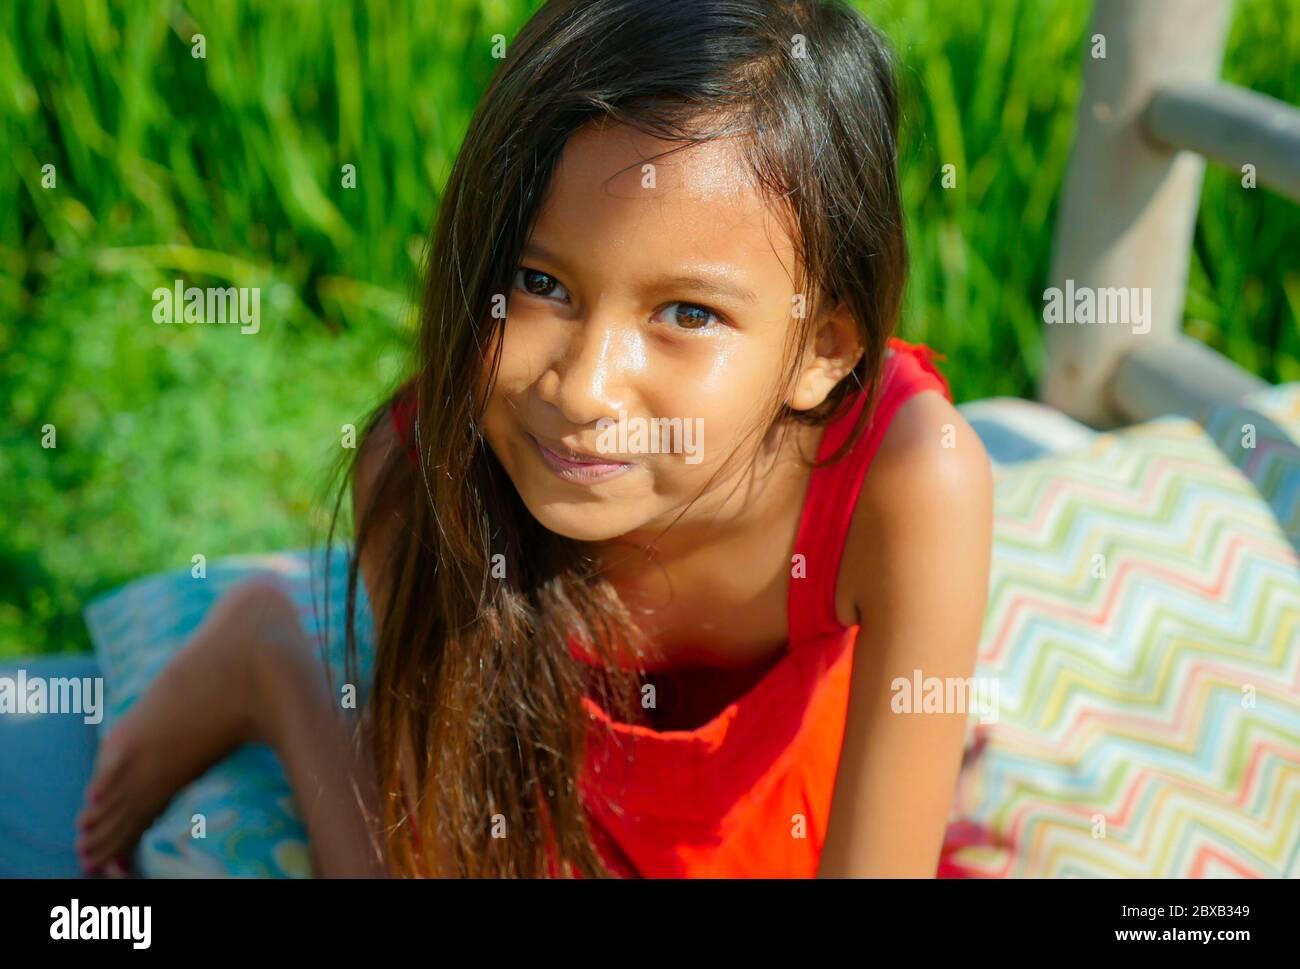 estilo de vida al aire libre retrato de hermosa y dulce niña sonriendo feliz y alegre el niño con ojos preciosos y vestido con un vestido rojo isola Foto de stock